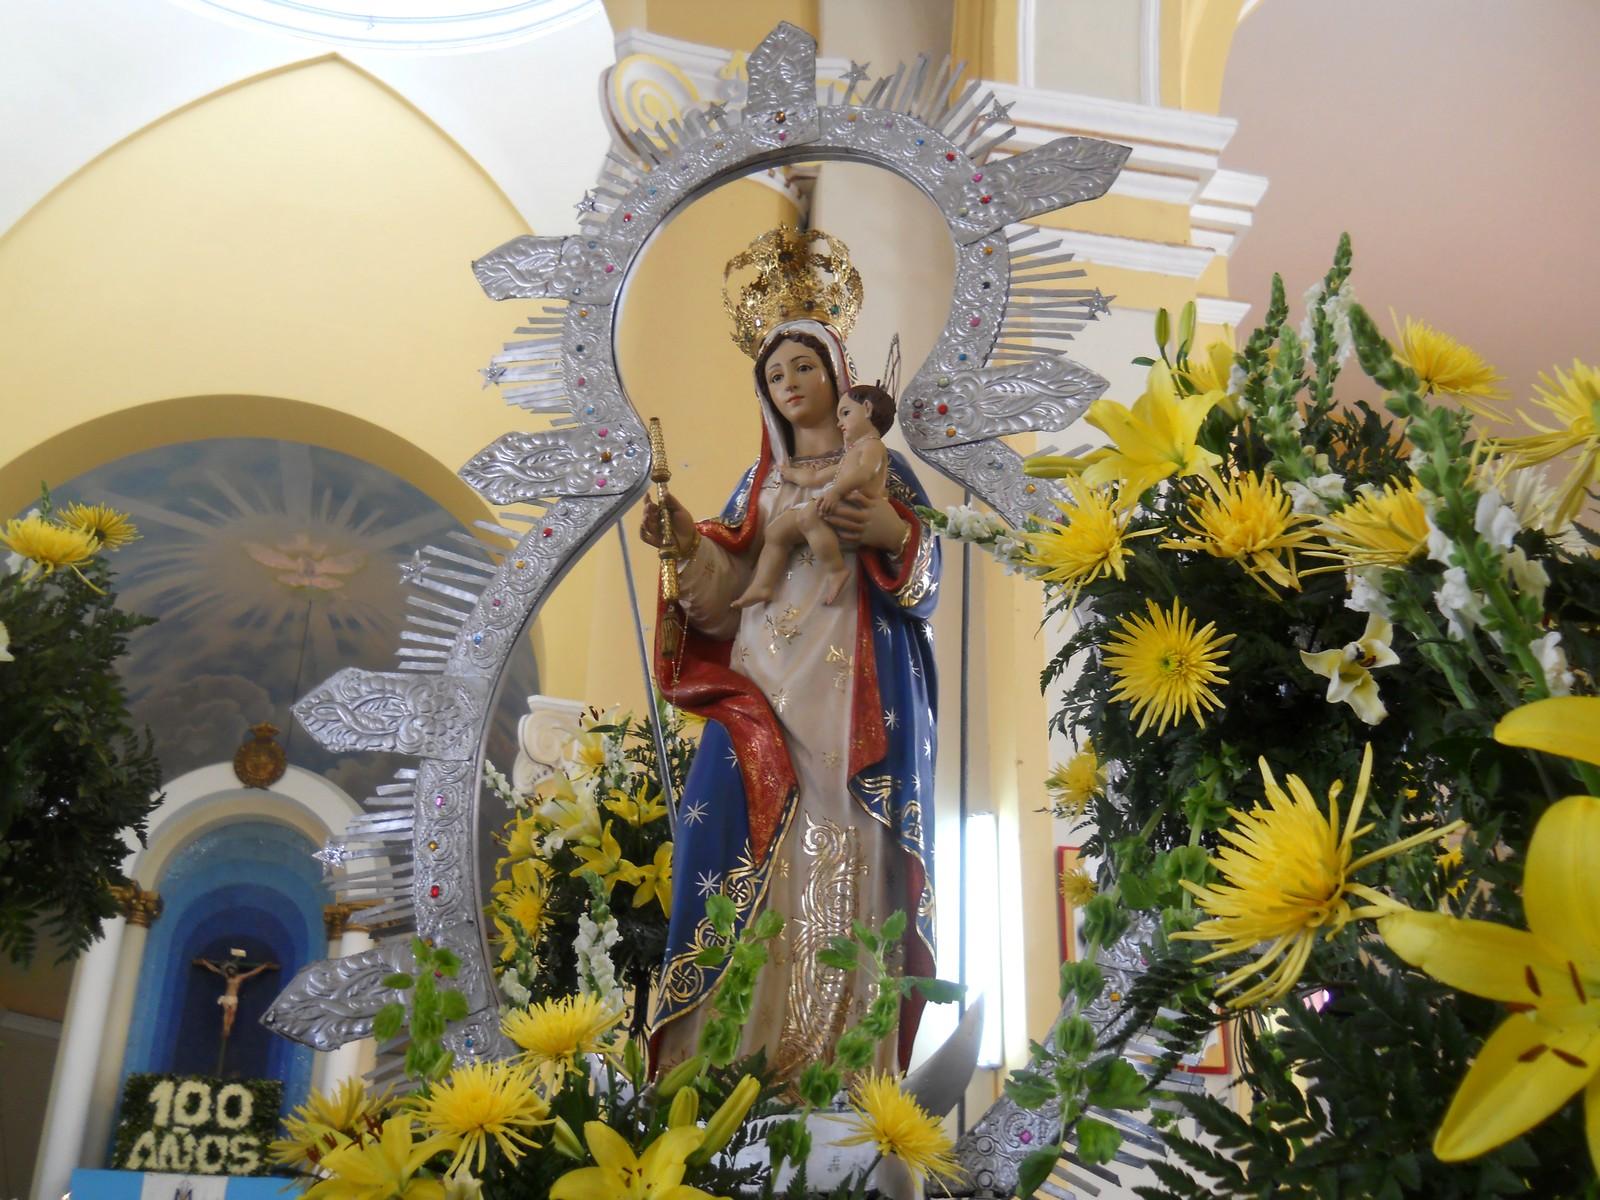 Nuestra Señora de Concepción de Granada, la Generala del Ejército, Nicaragua (23 nov)